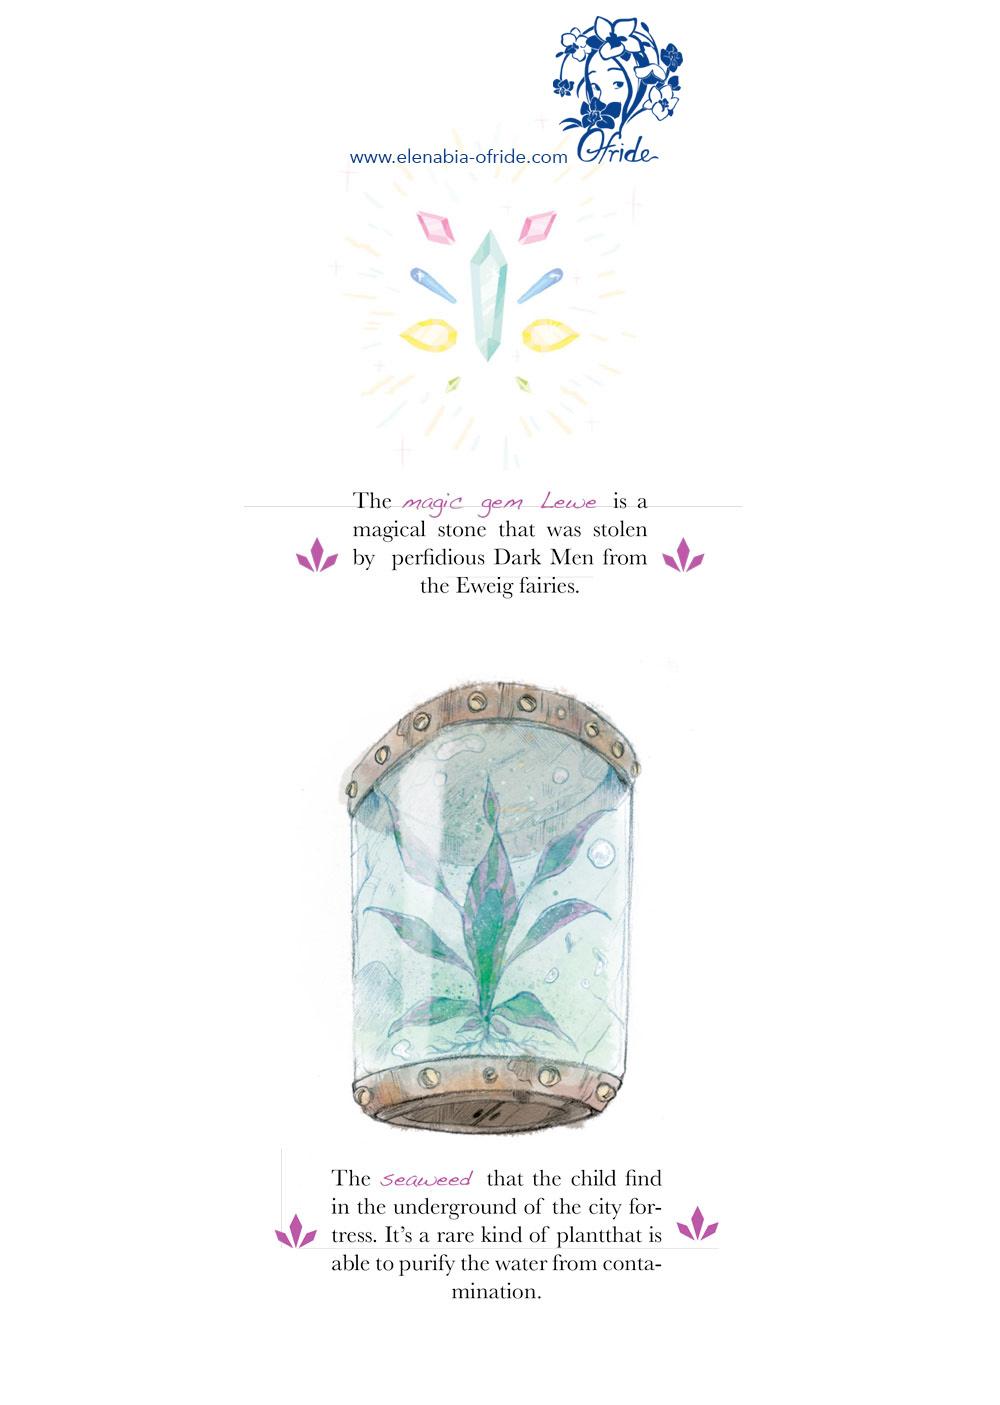 lewe studies sketches plant and gem